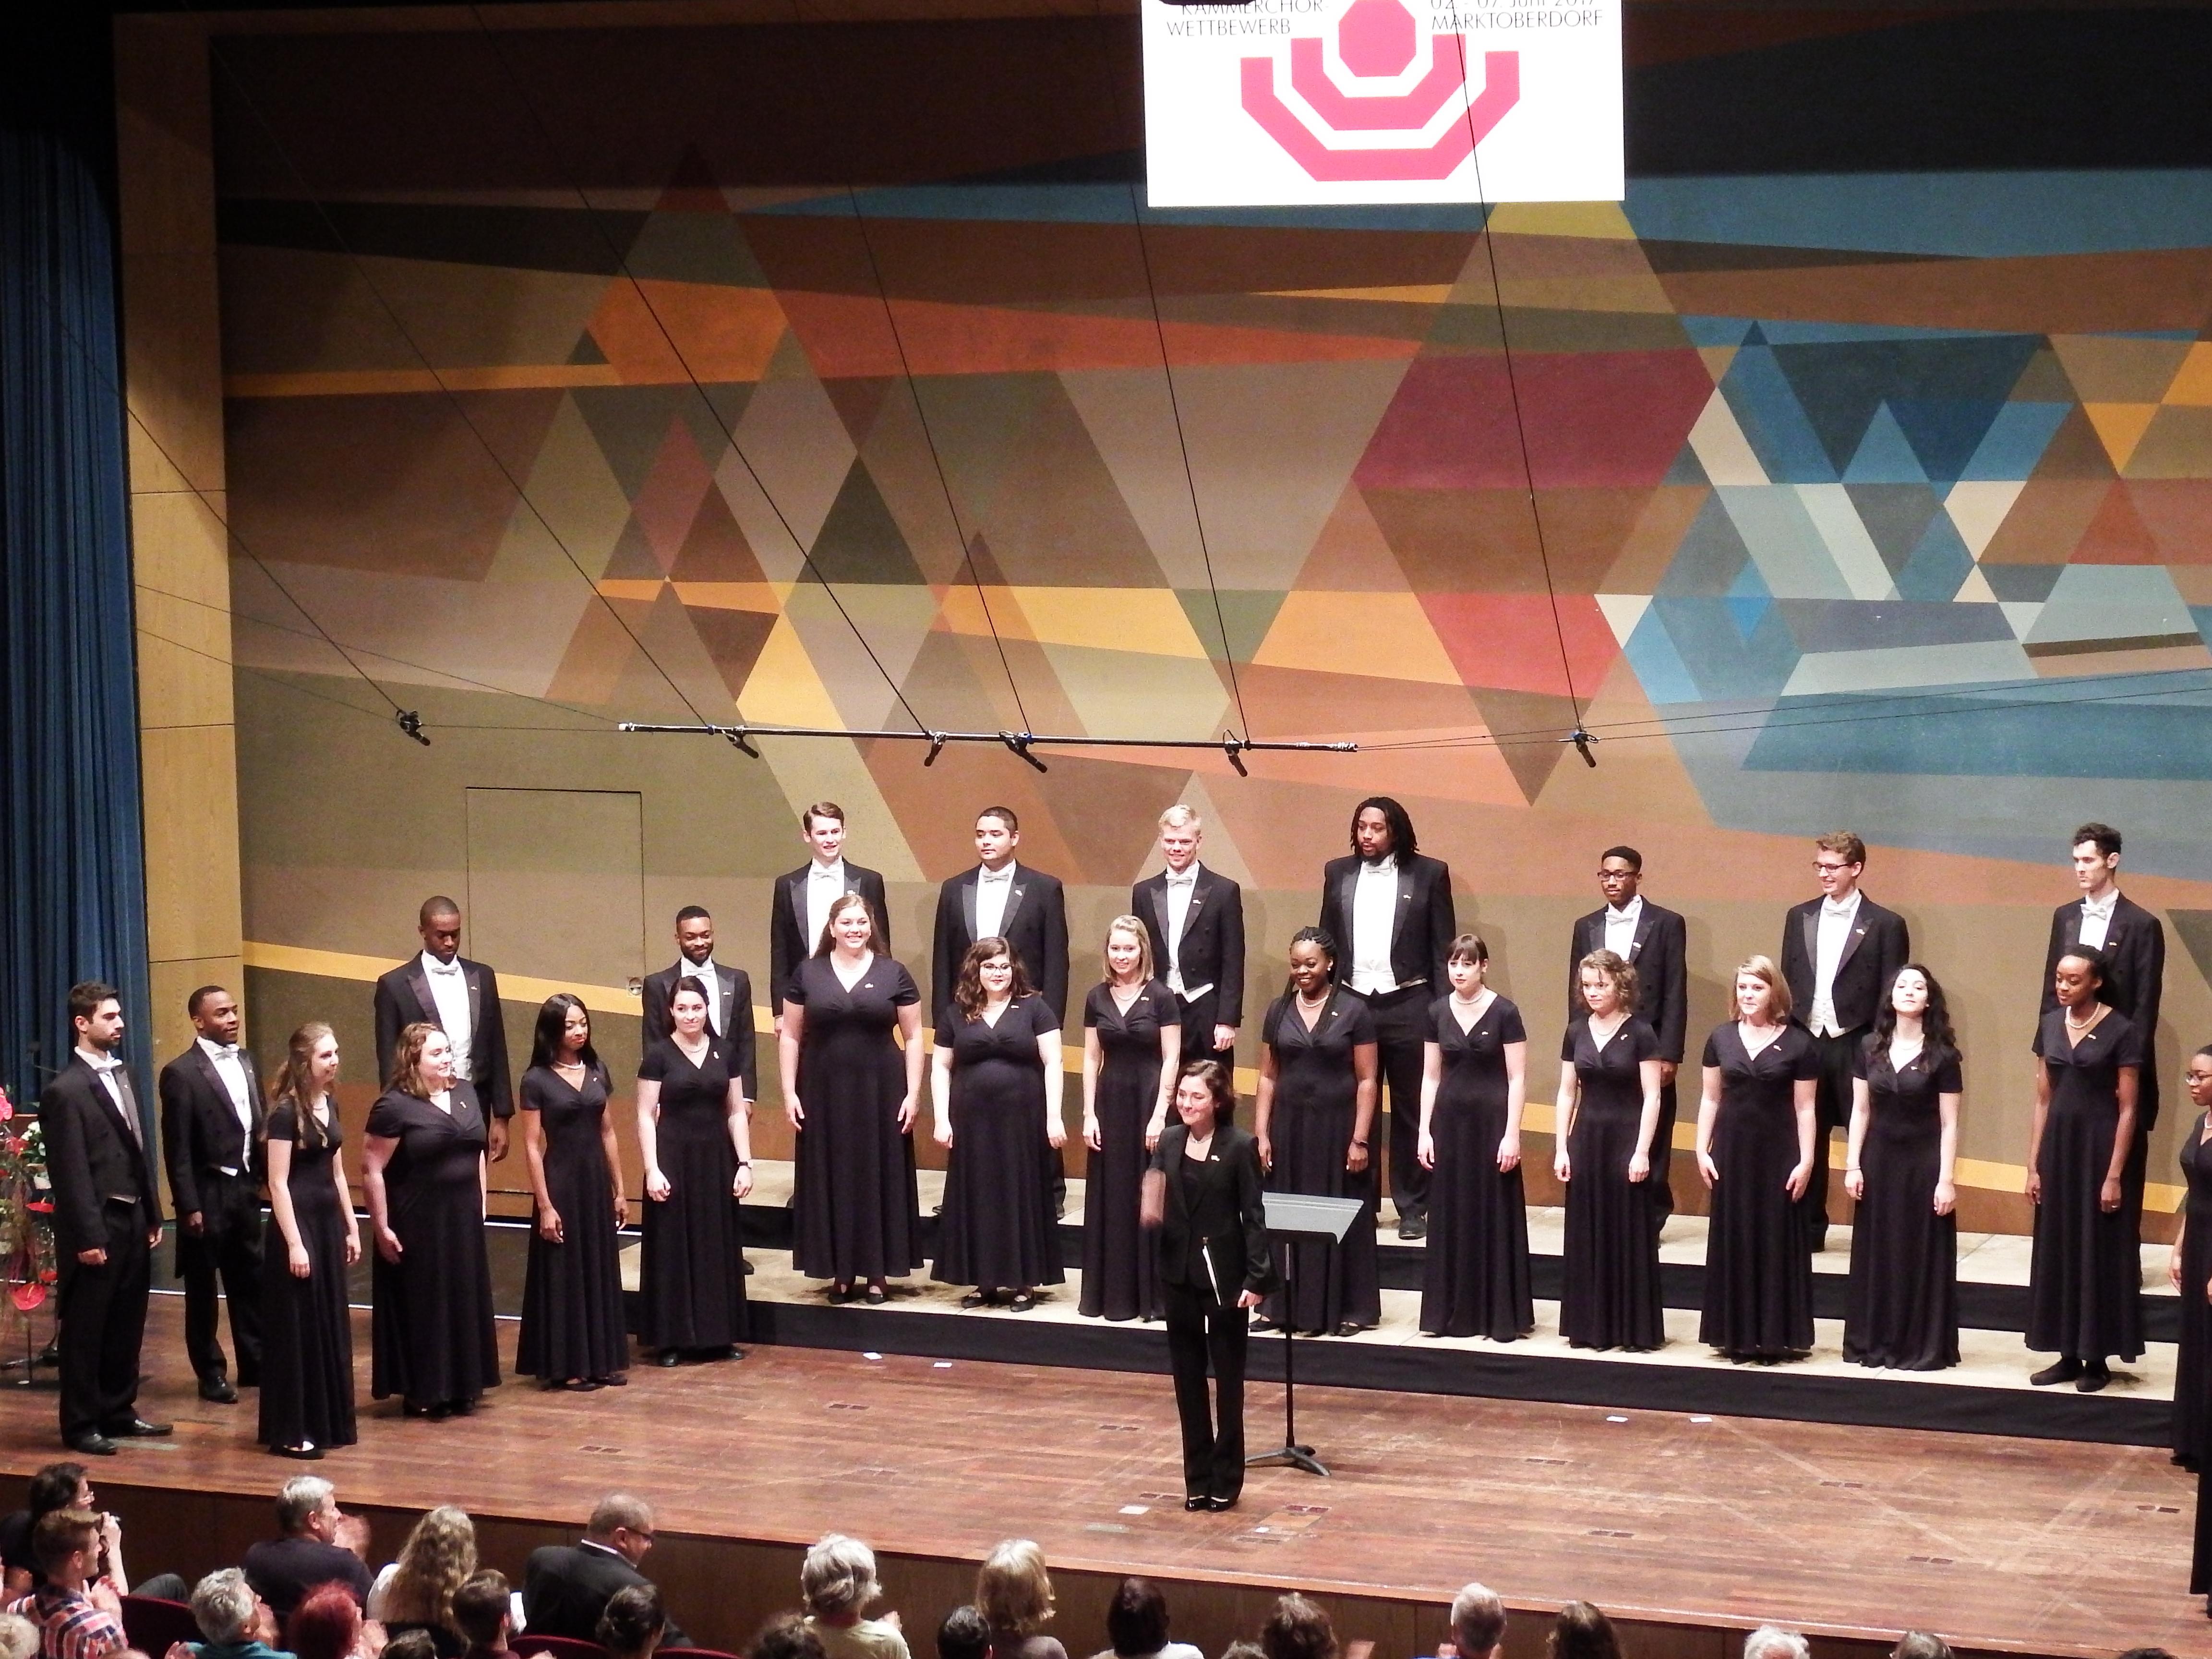 University singers performing in markdorff